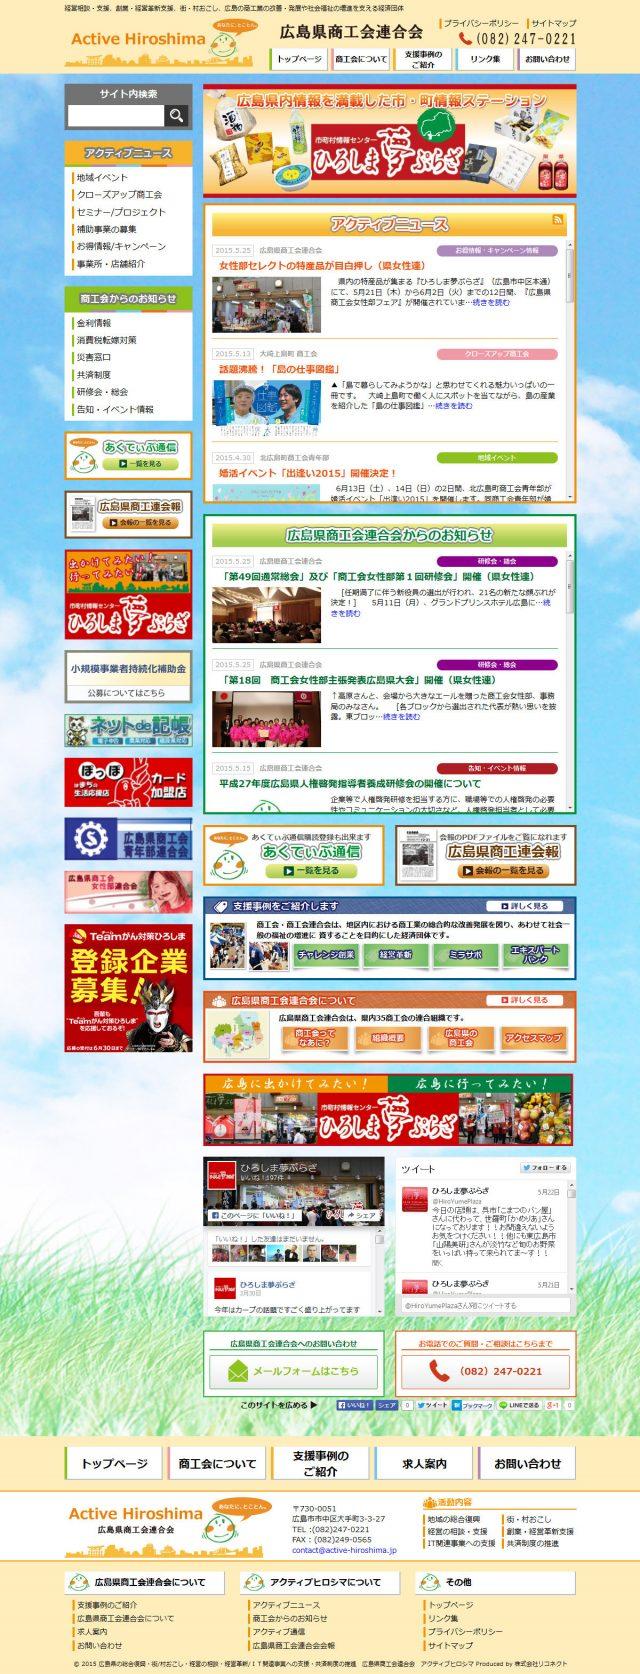 広島県広島市 中小企業のための経営支援や村・街おこし 広島県商工会連合会 様